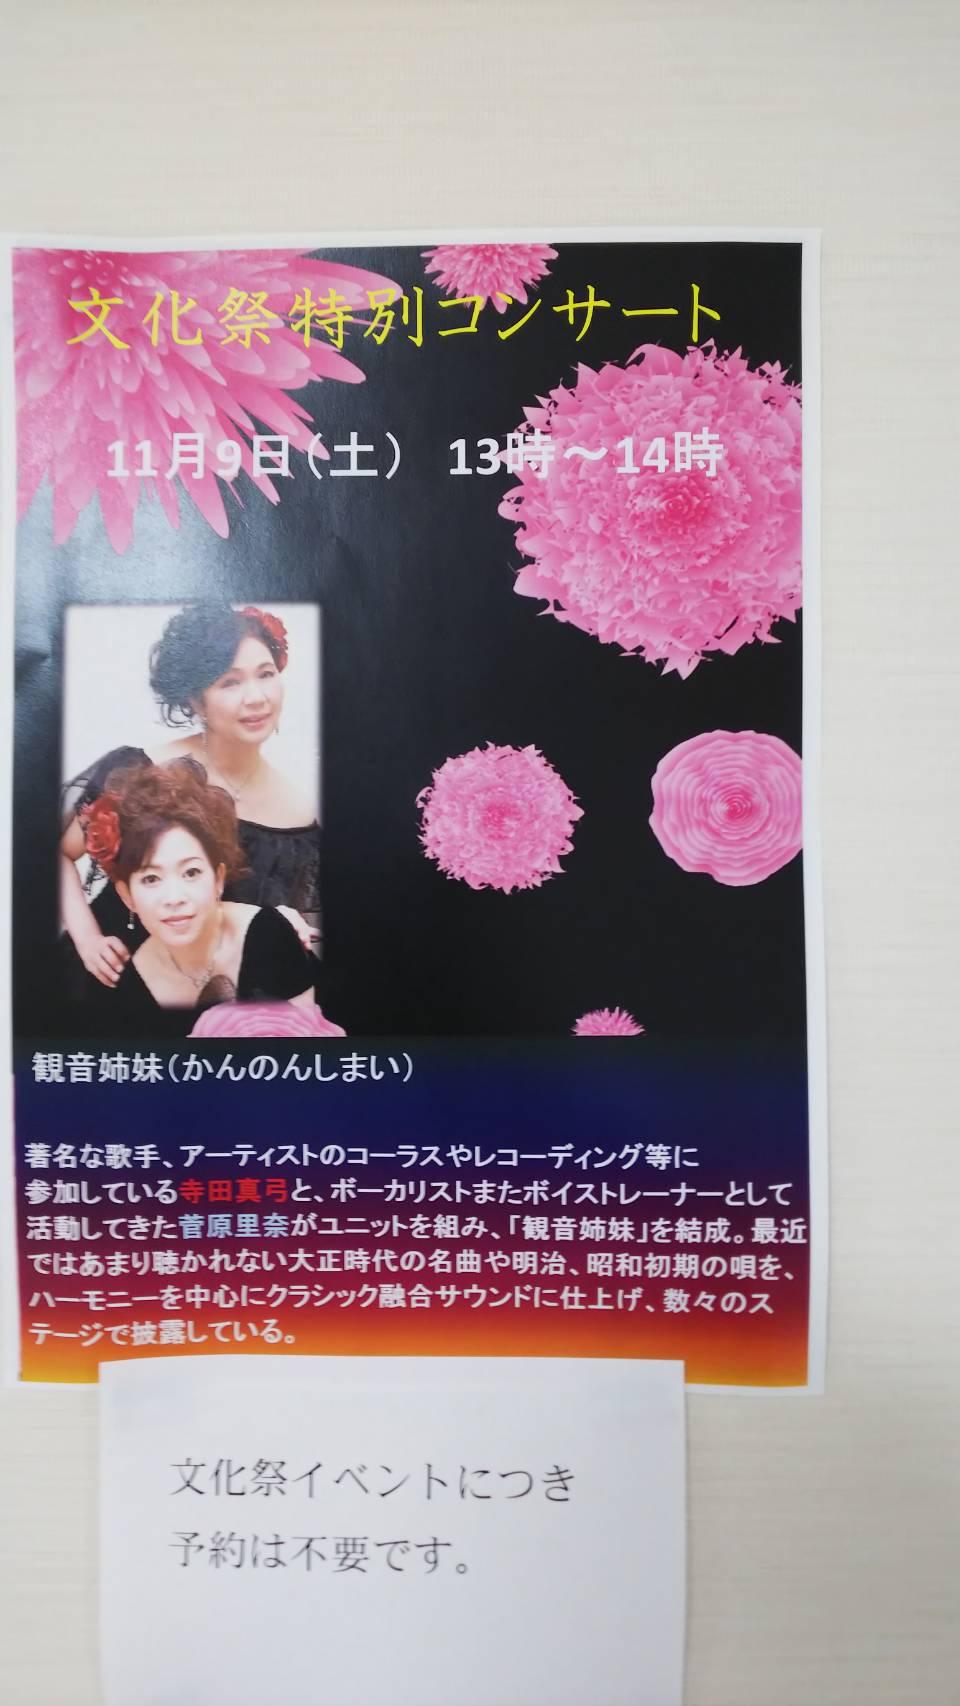 テレビ埼玉『ミュージックグランプリ』コメント出演_e0124015_992846.jpg